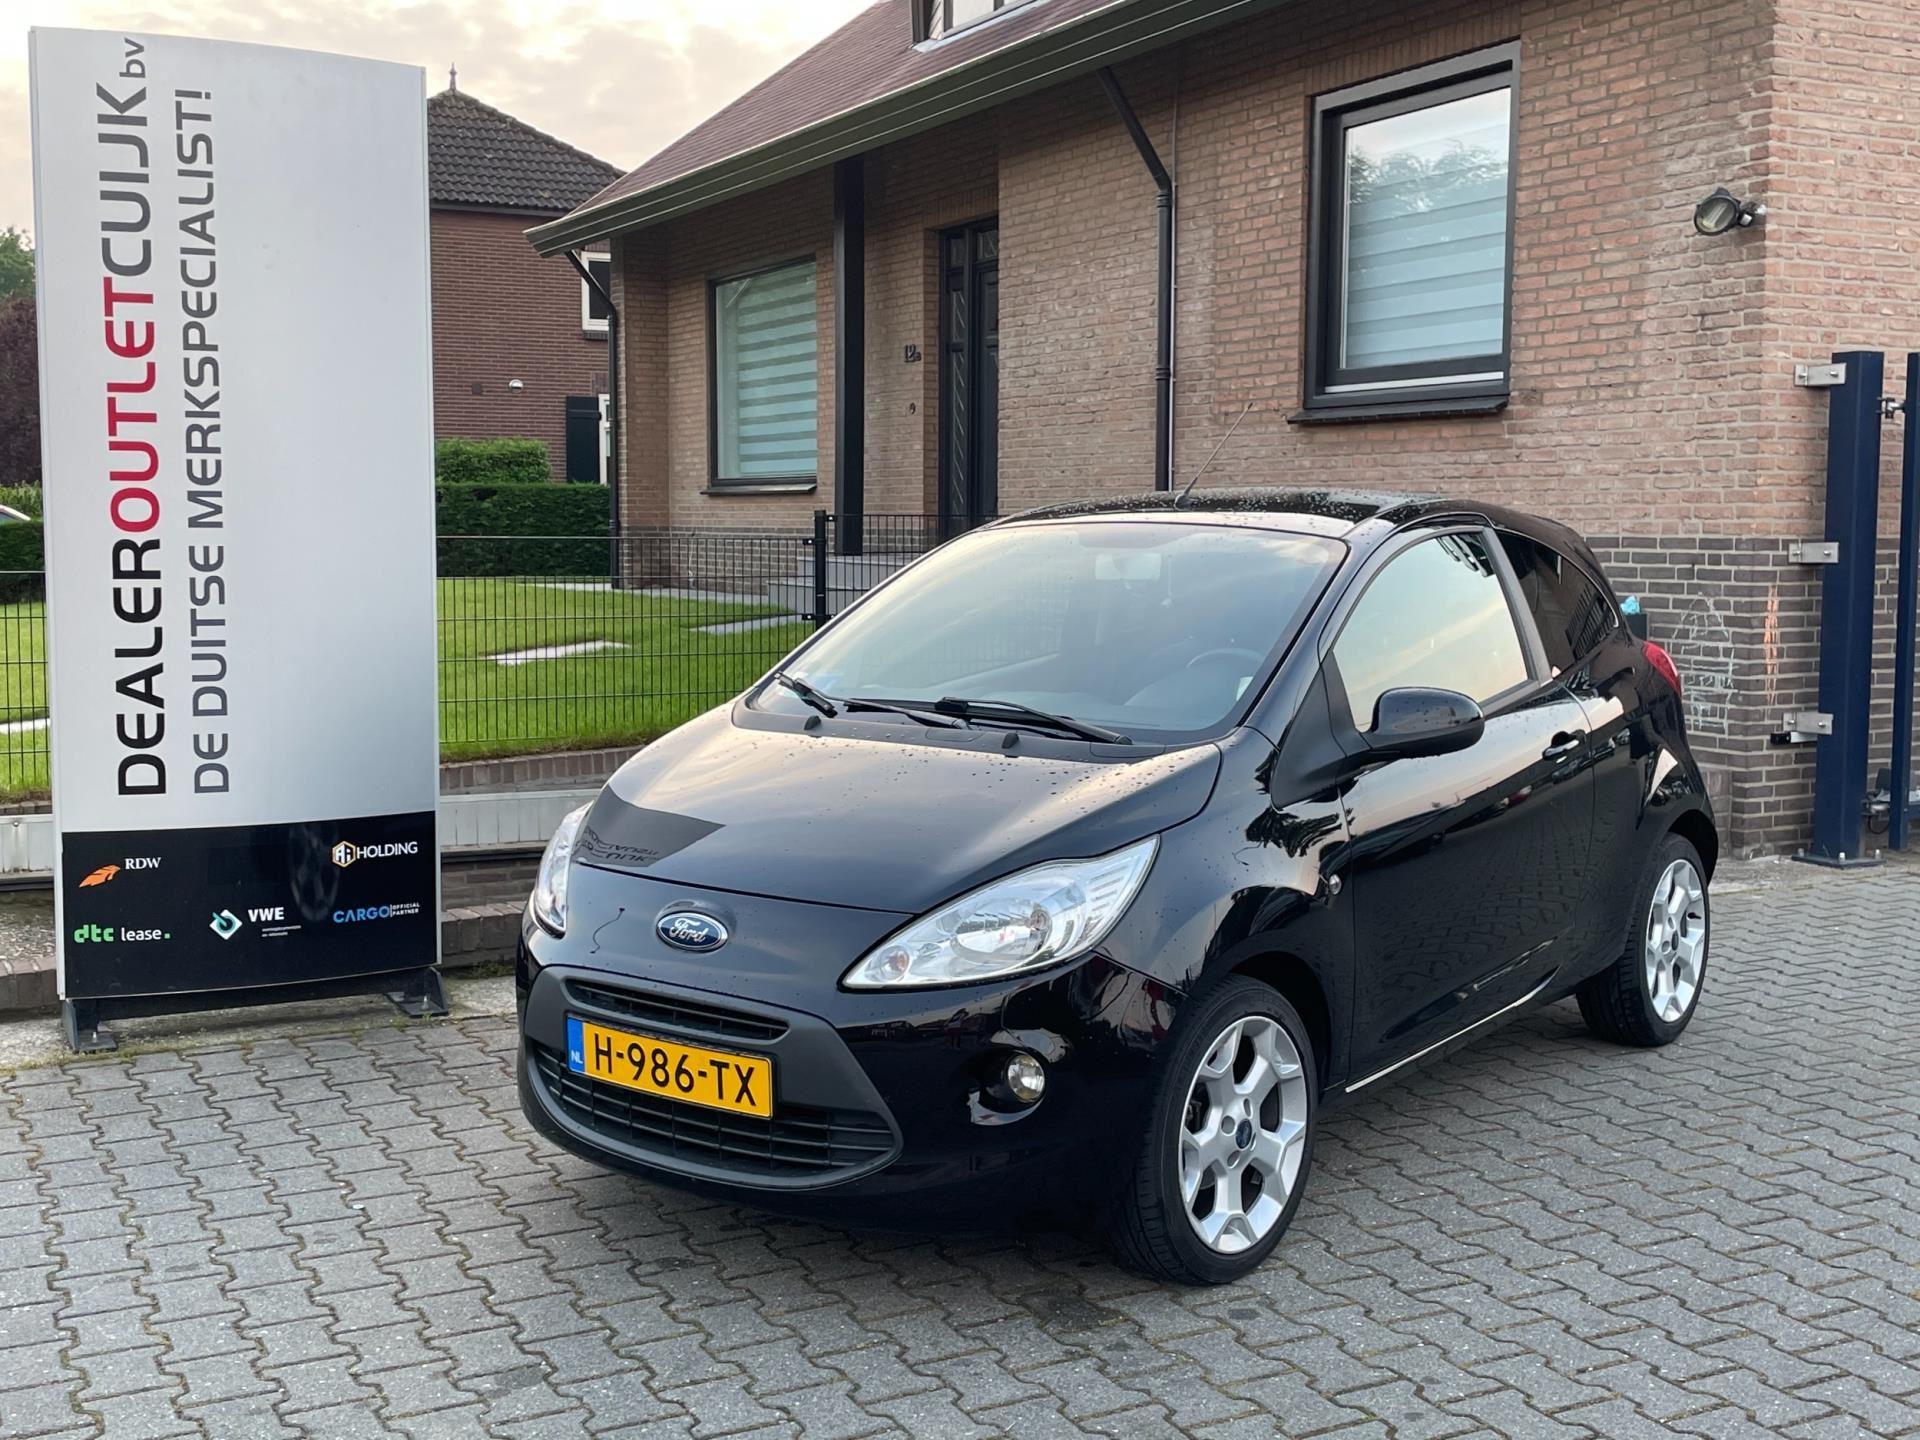 Ford Ka occasion - Dealer Outlet Cuijk b.v.